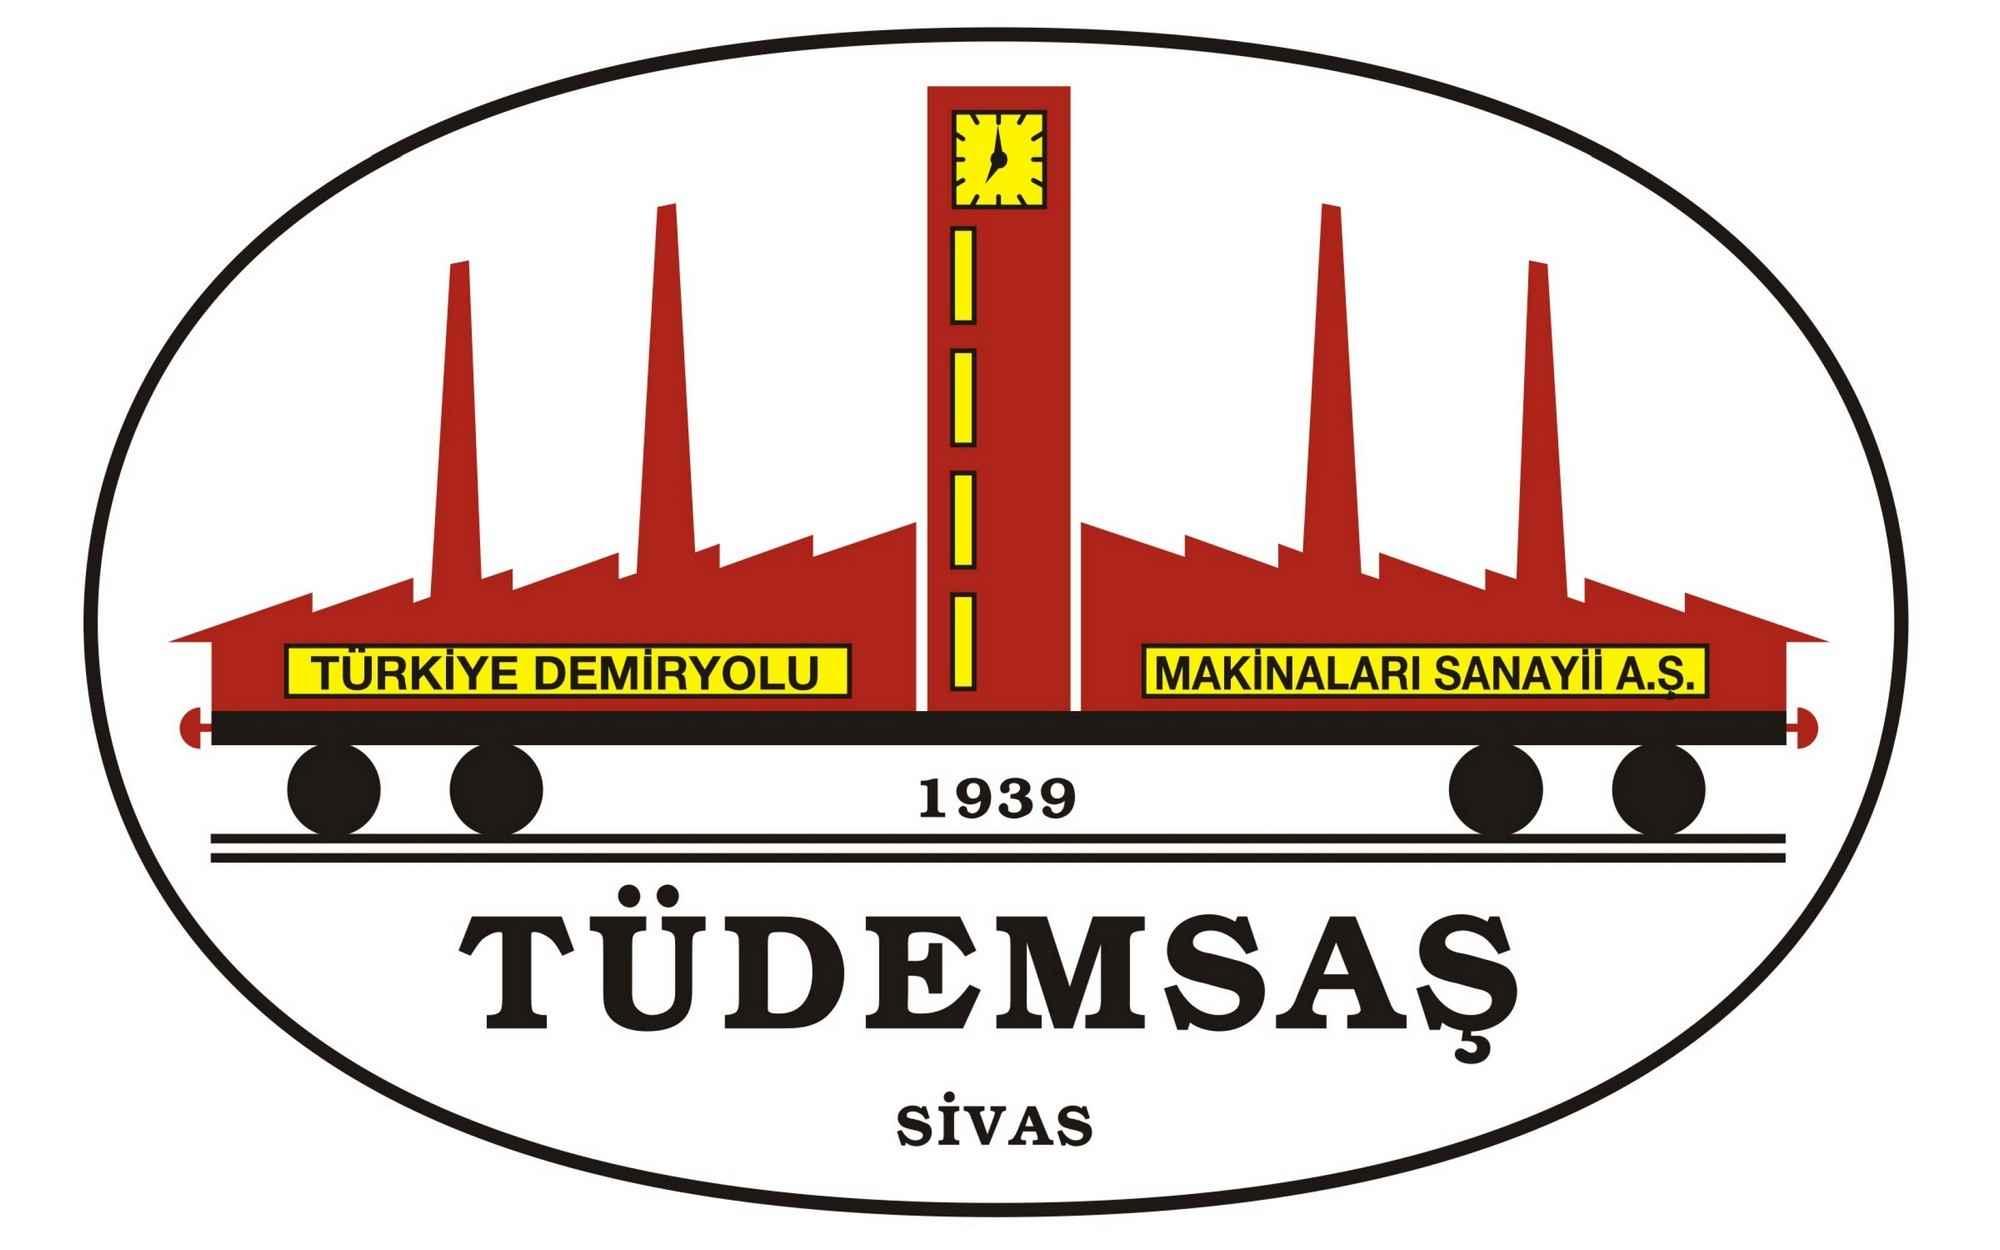 TÜDEMSAŞ – Türkiye Demiryolu Makinaları Sanayii A.Ş. Vektörel Logosu [EPS PDF Files] png